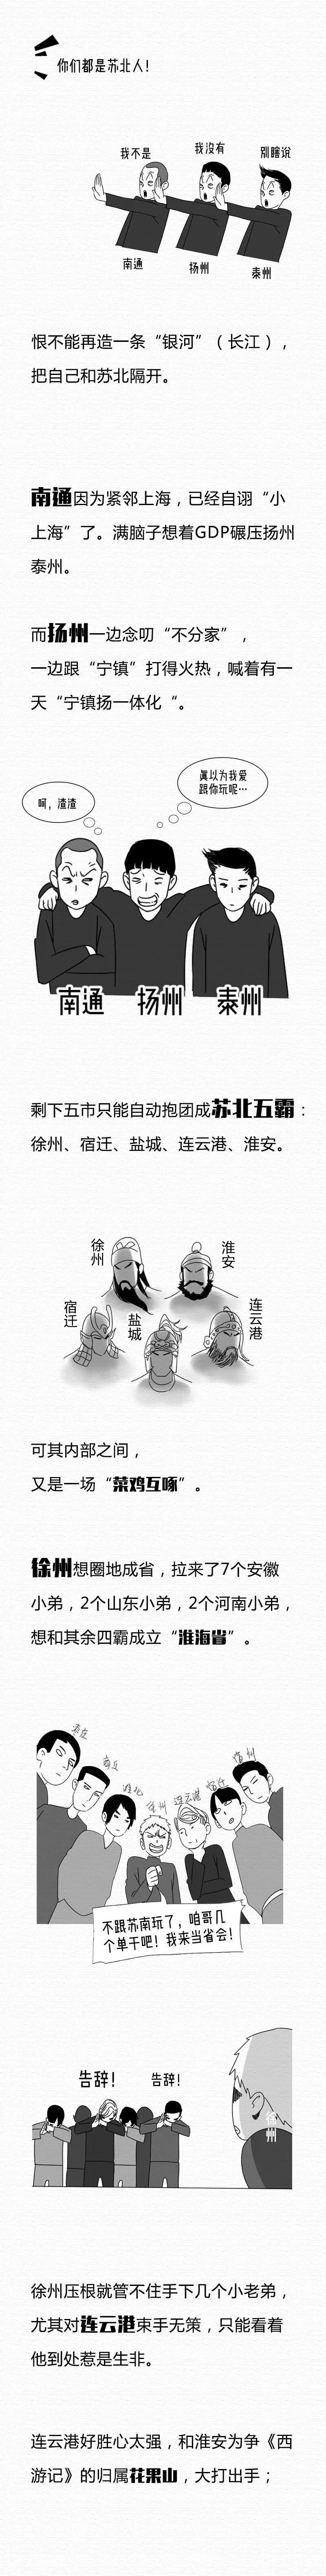 江苏省内battle,不止江南江北这么简单